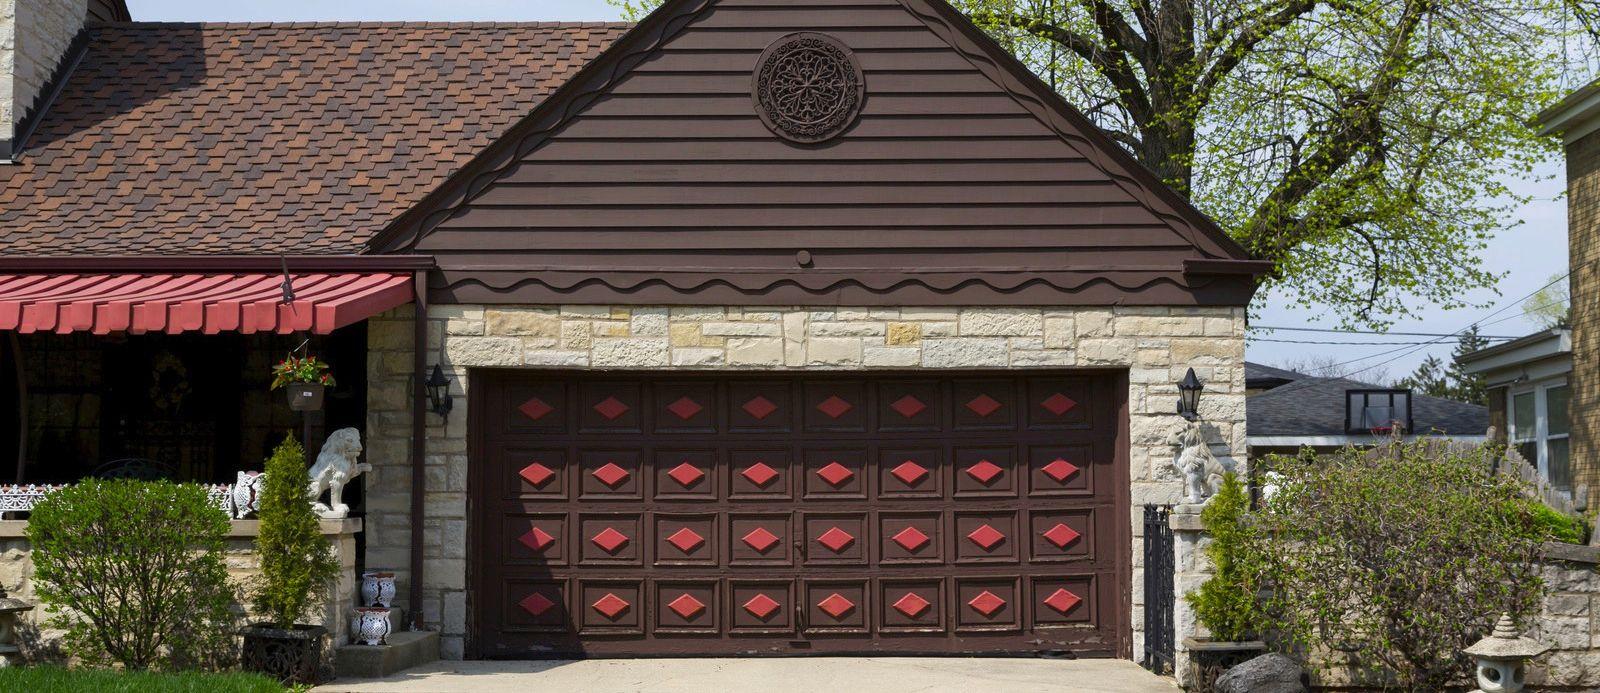 Gate repair simi valley ca 805 2544404 in simi valley for Garage door repair agoura hills